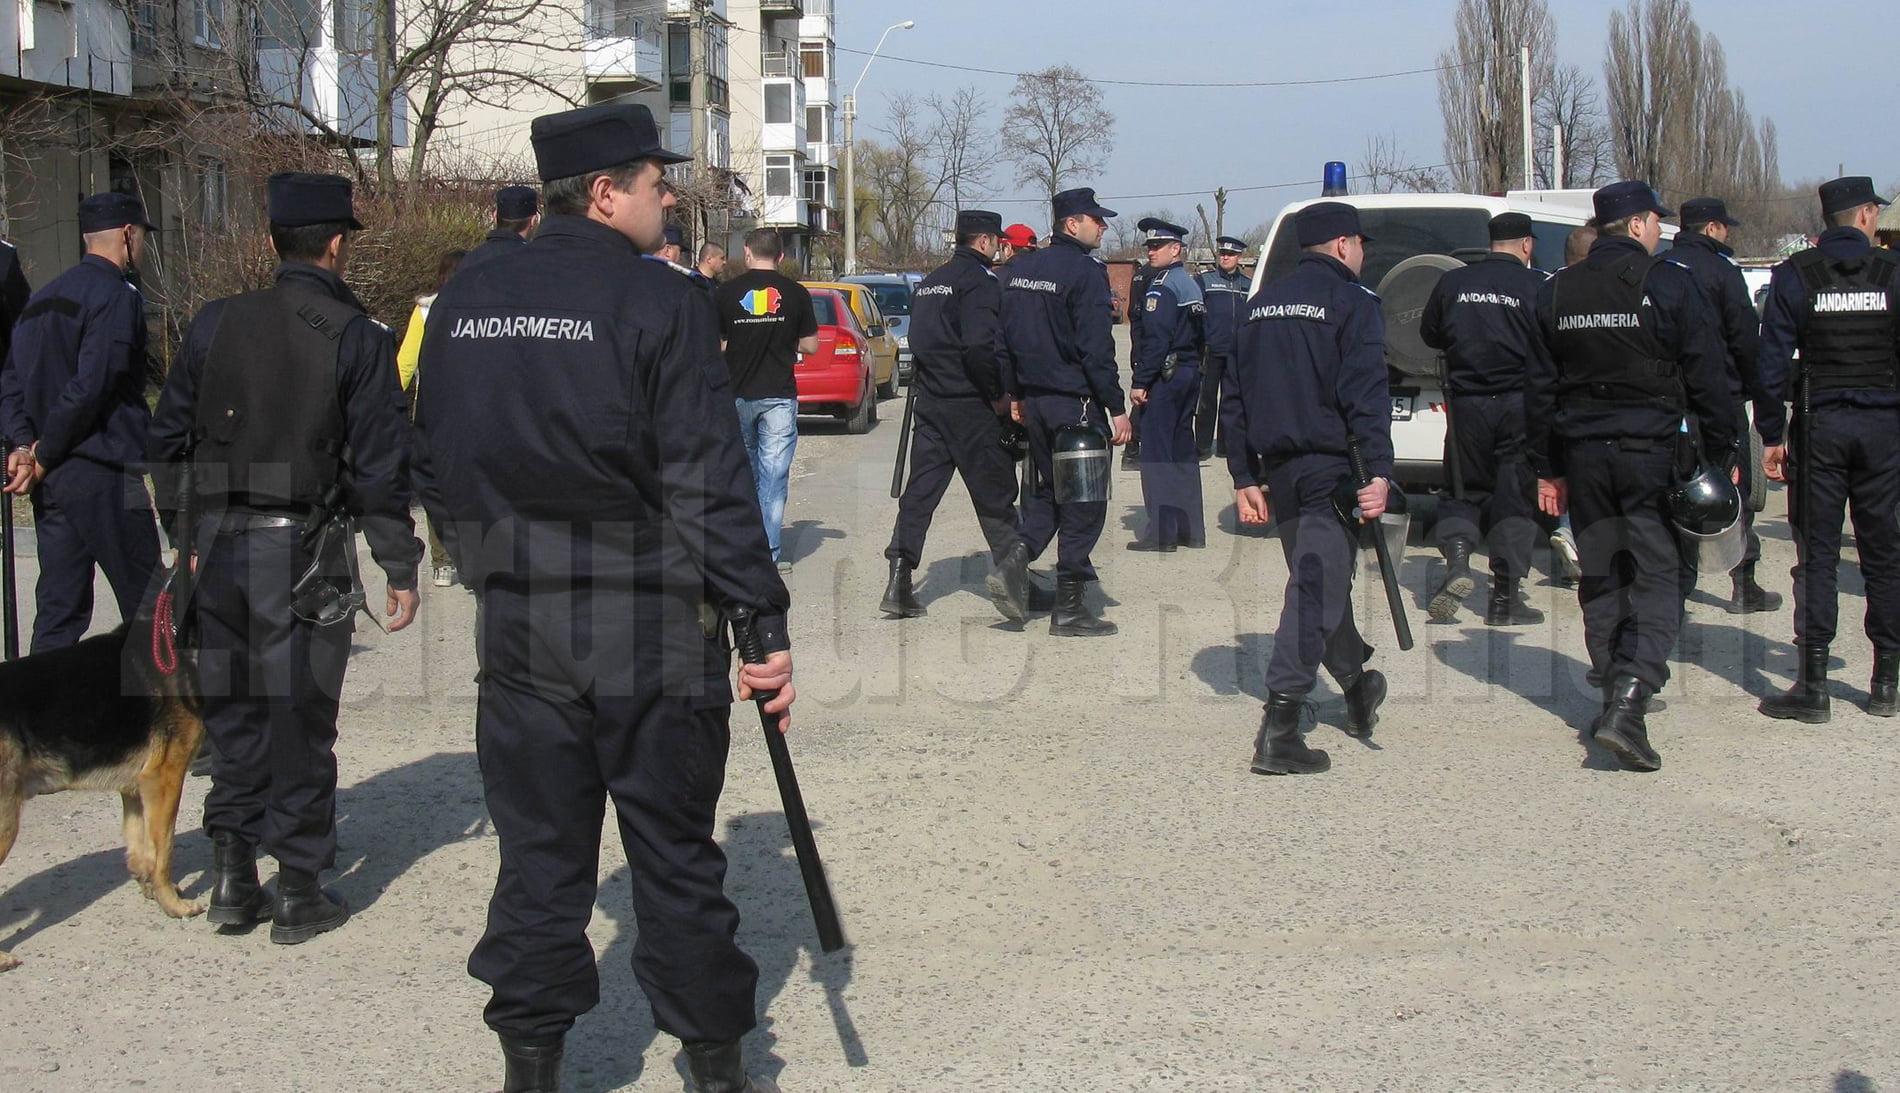 Autoritățile cer înființarea unui detașament de jandarmi la Roman, pentru a combate infracționalitatea